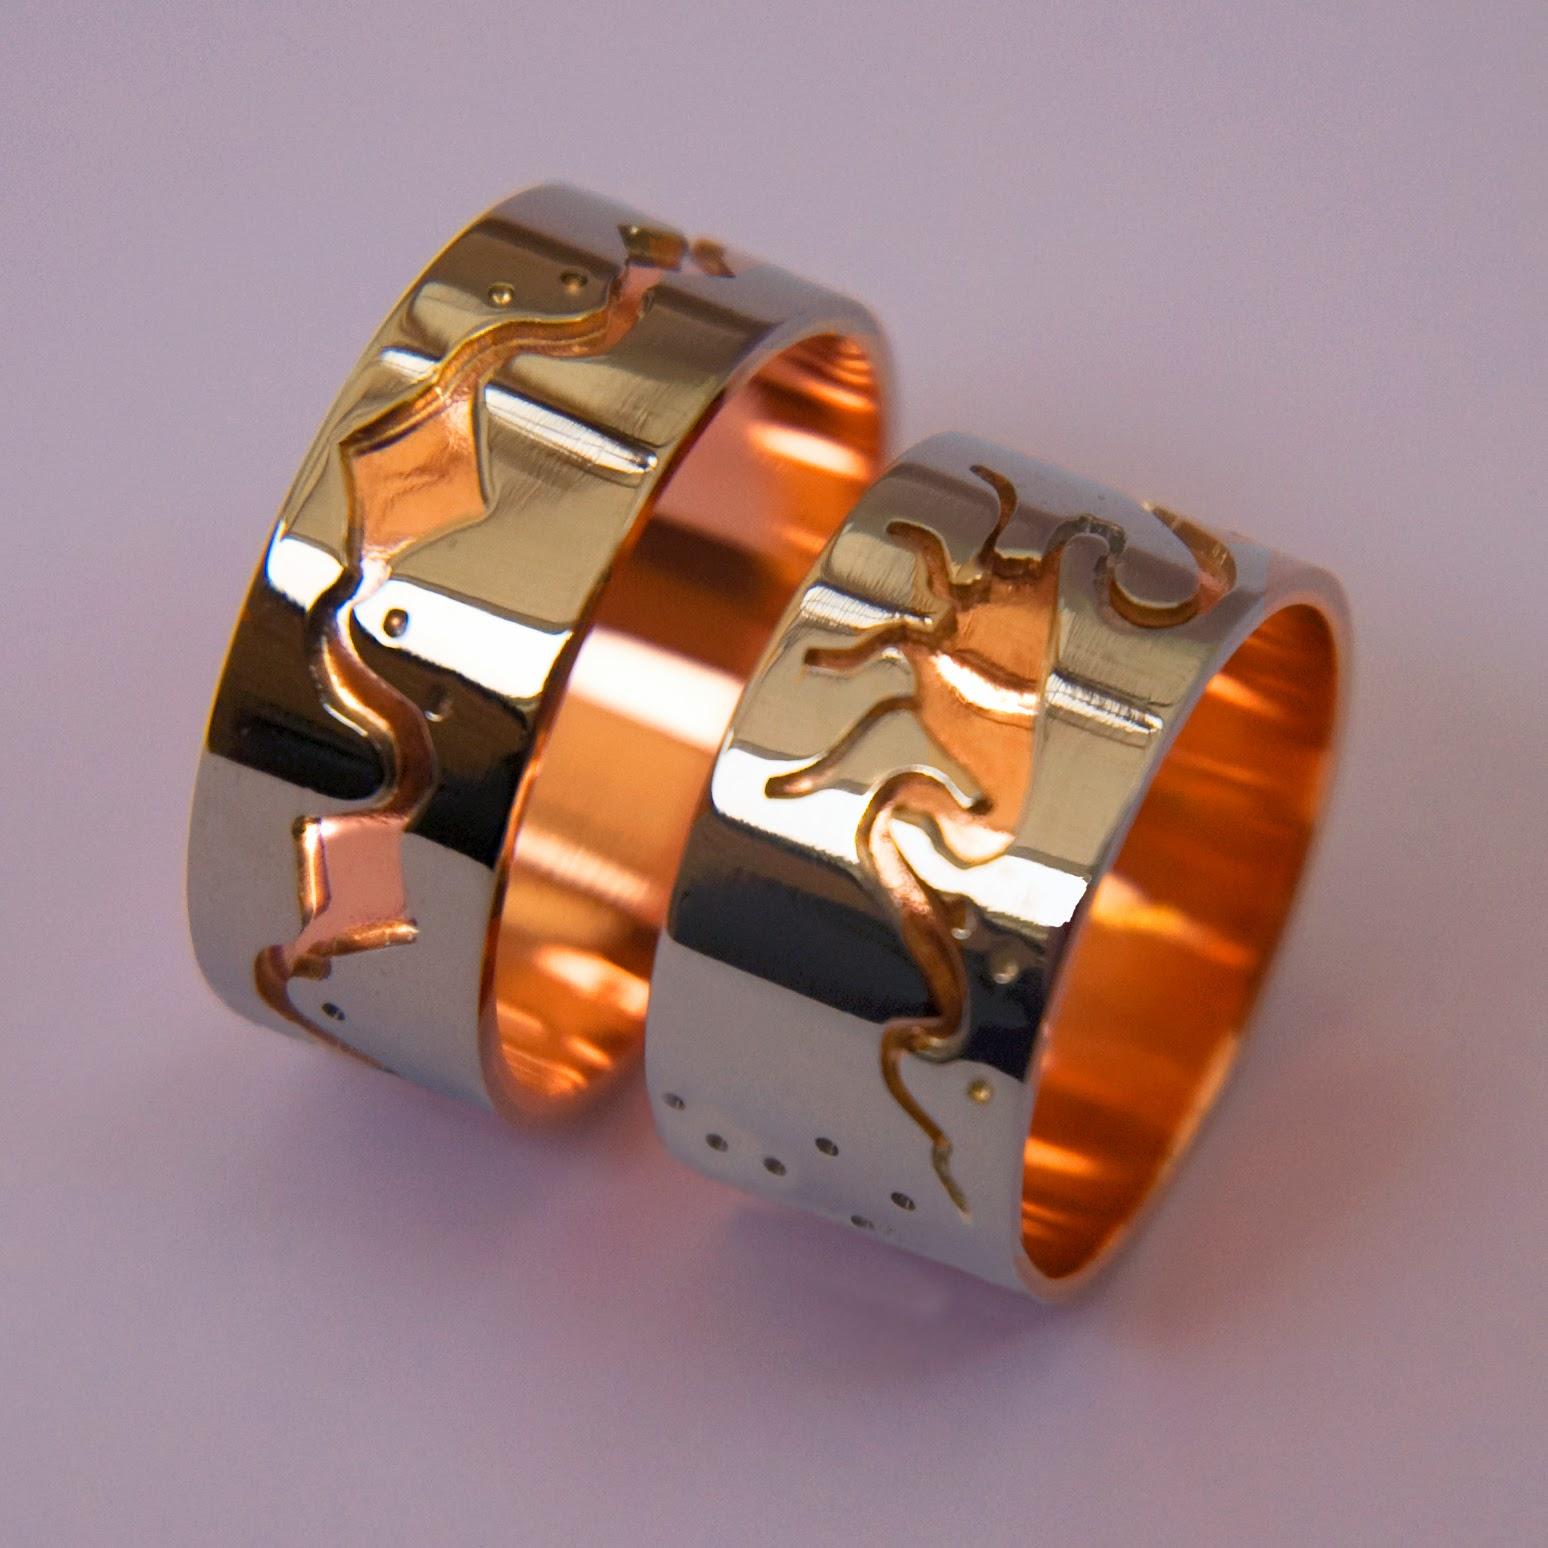 native american wedding rings native american wedding bands Native american wedding rings Bimaadiziwin Ziibii Wedding Bands By Native Woodland Jeweler Zhaawano